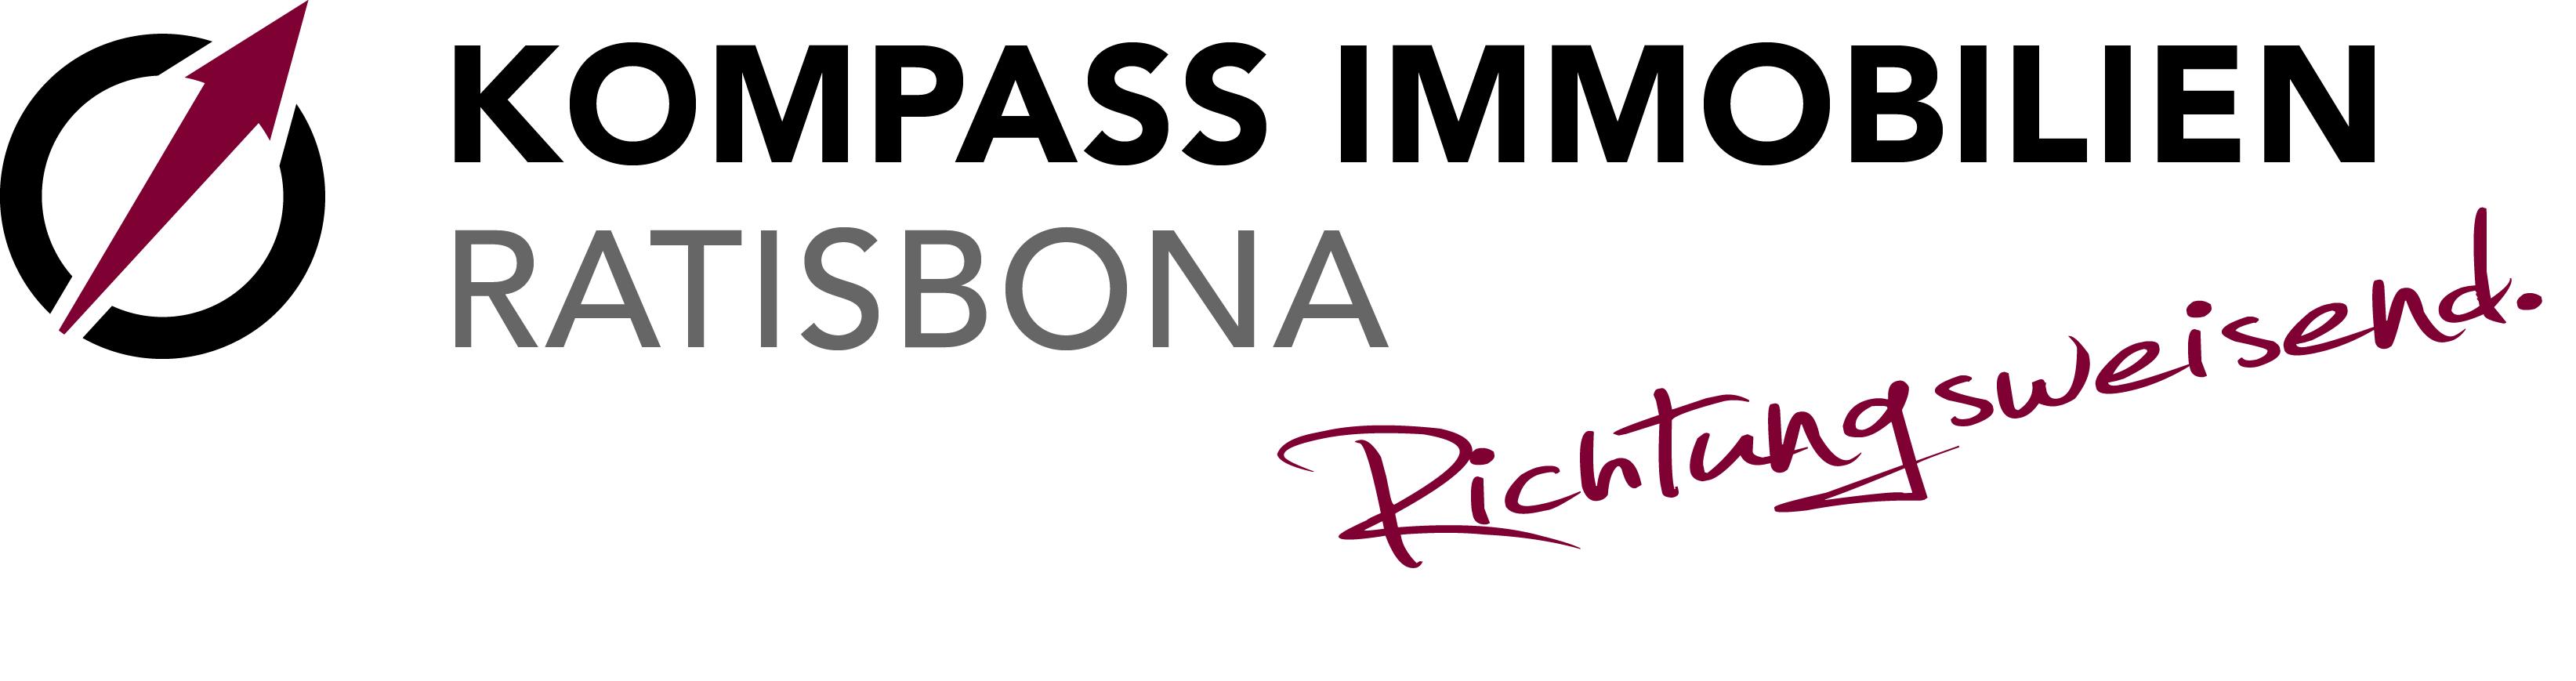 Hier sehen Sie das Logo von Kompass Immobilien Ratisbona